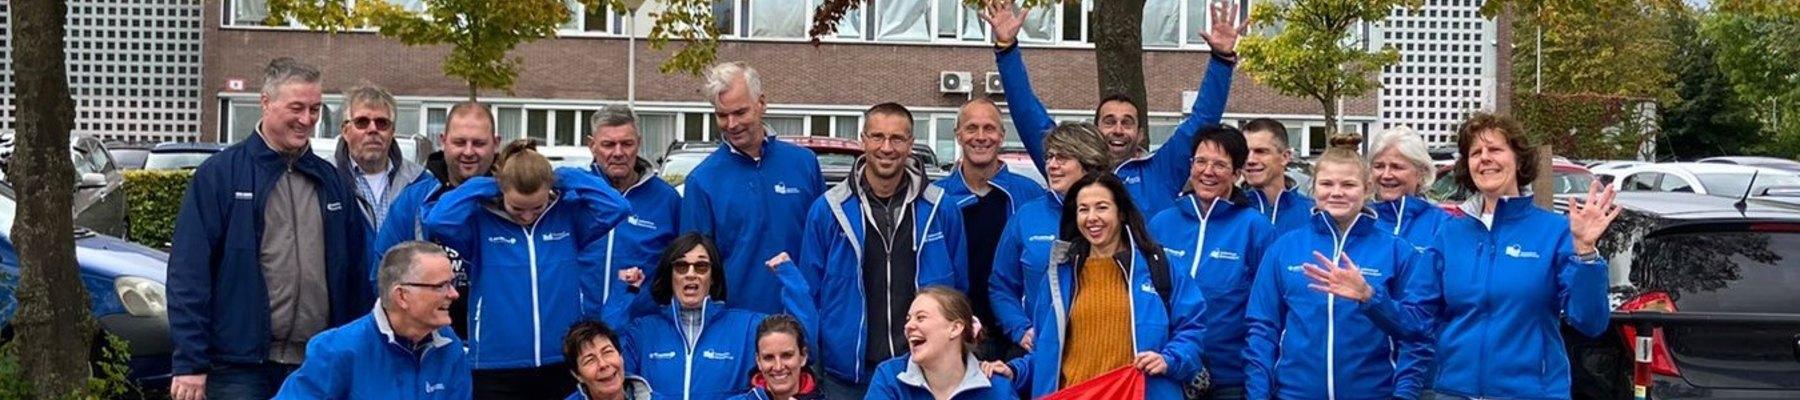 Team Ziekenhuis Rivierenland doet weer mee aan Roparun